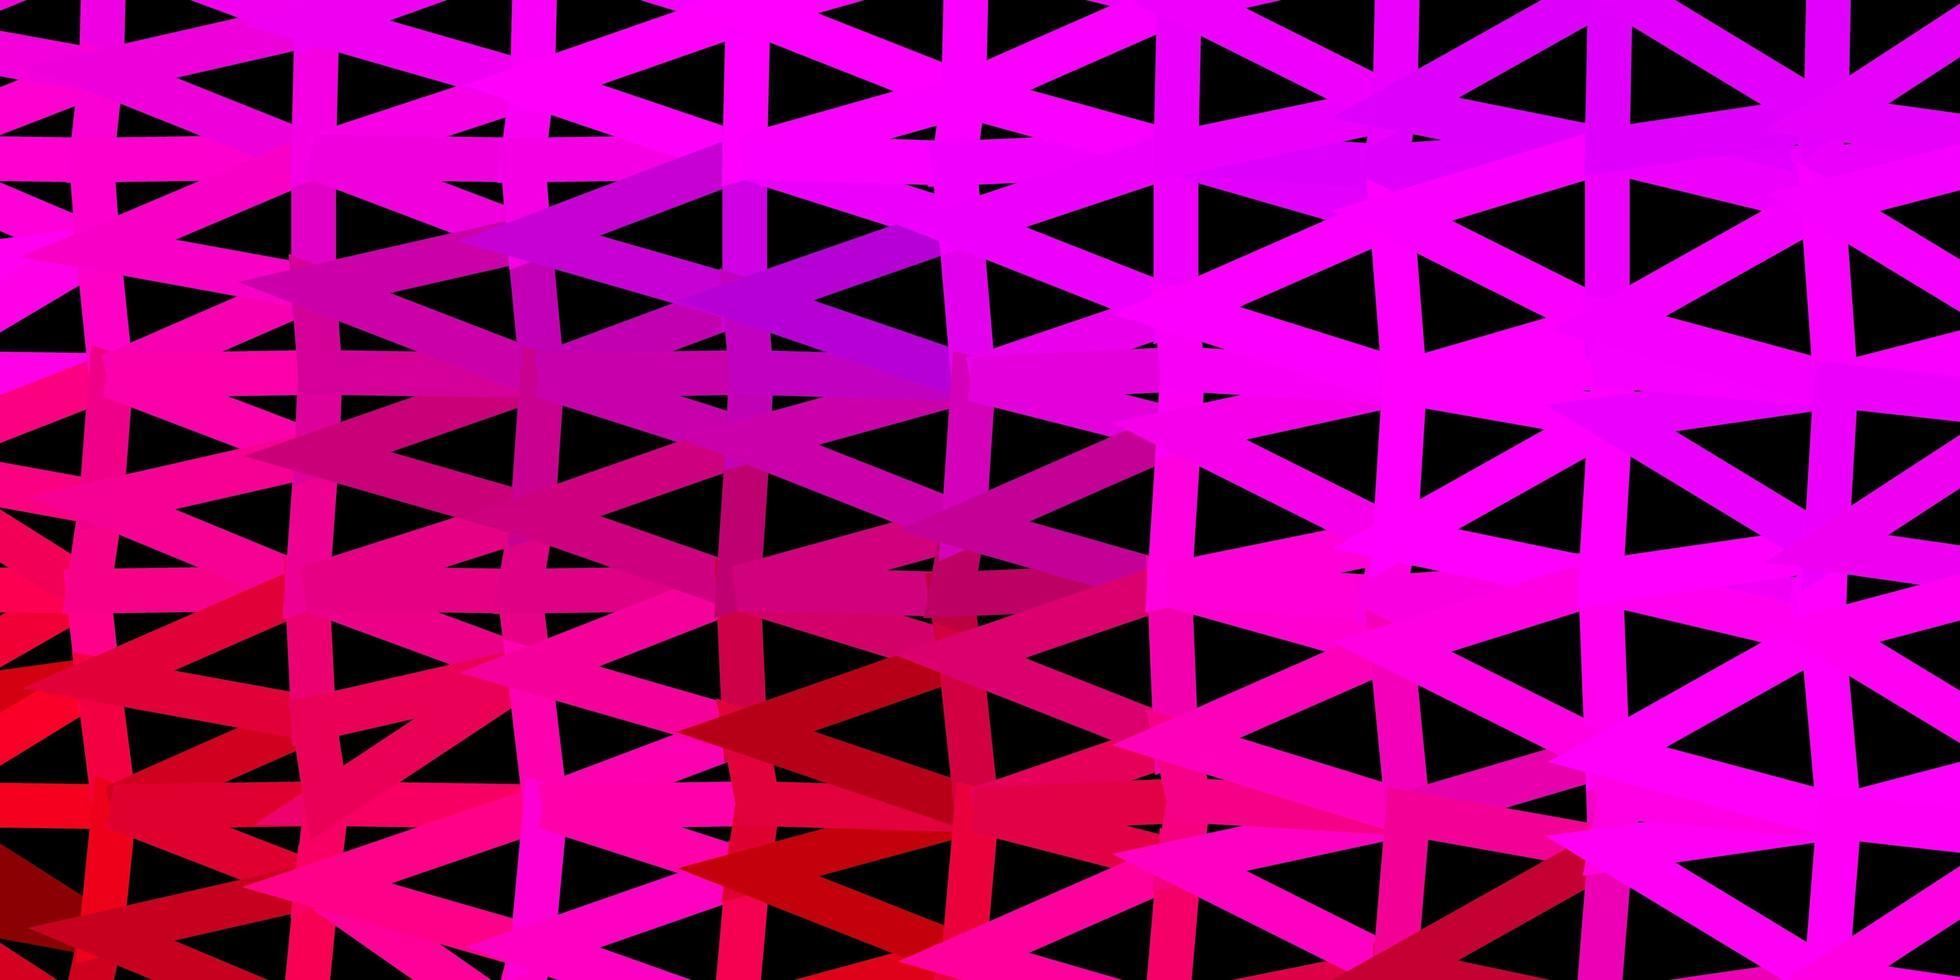 textura de polígono degradado vectorial rosa oscuro. vector